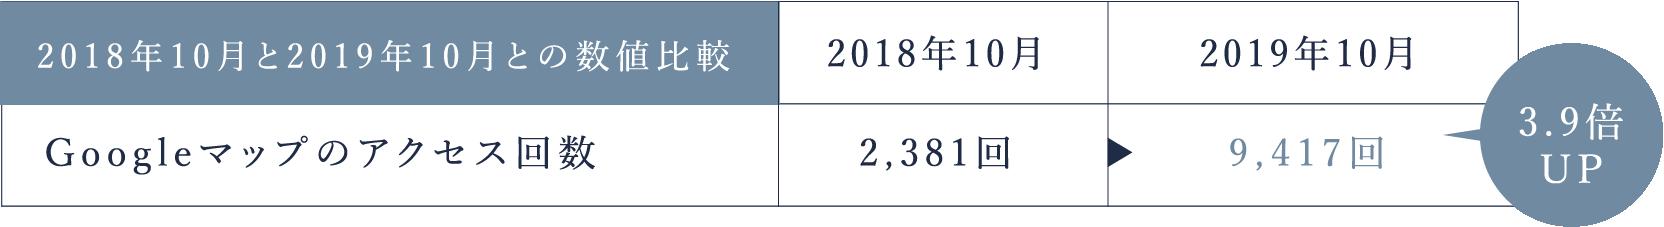 2018年10月と2019年10月との数値比較2019年10月2018年10月9,417回2,381回Googleマップのアクセス回数3.9倍UP